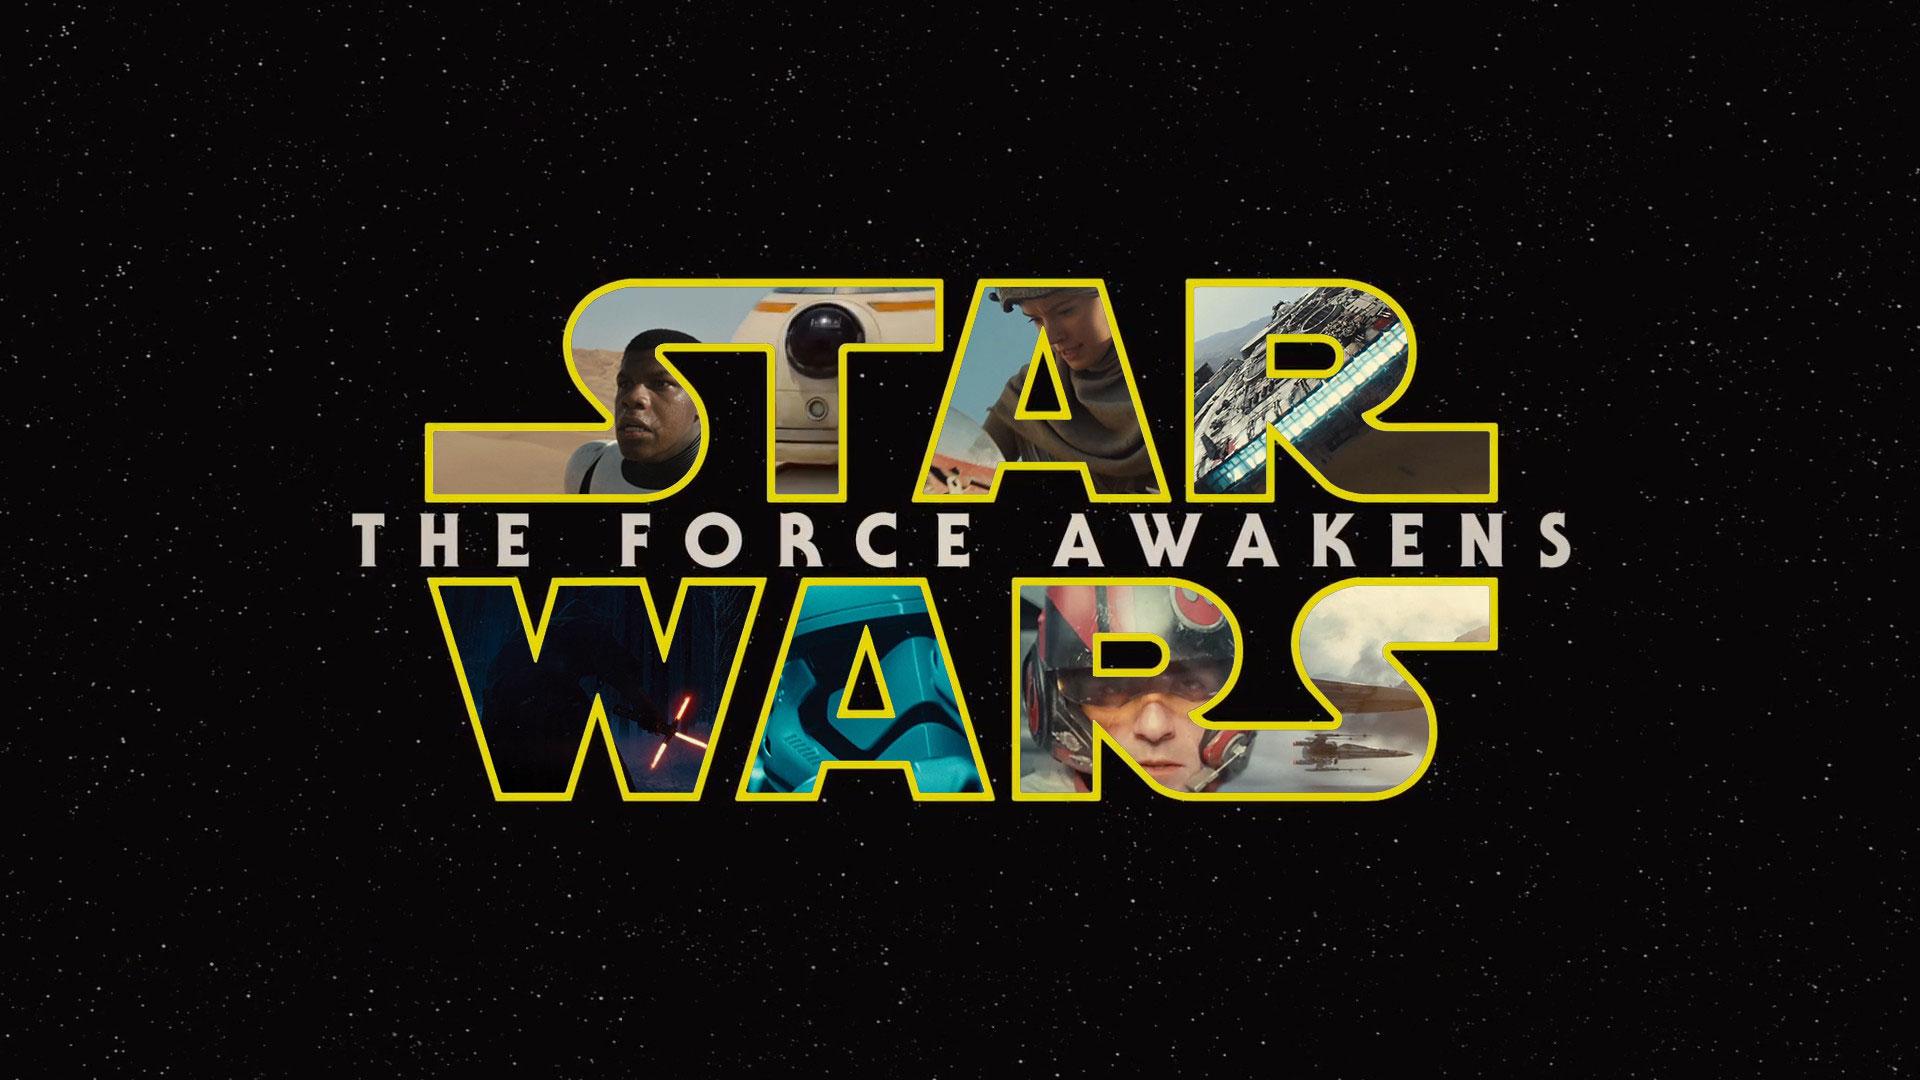 Star Wars & Cyclical Storytelling